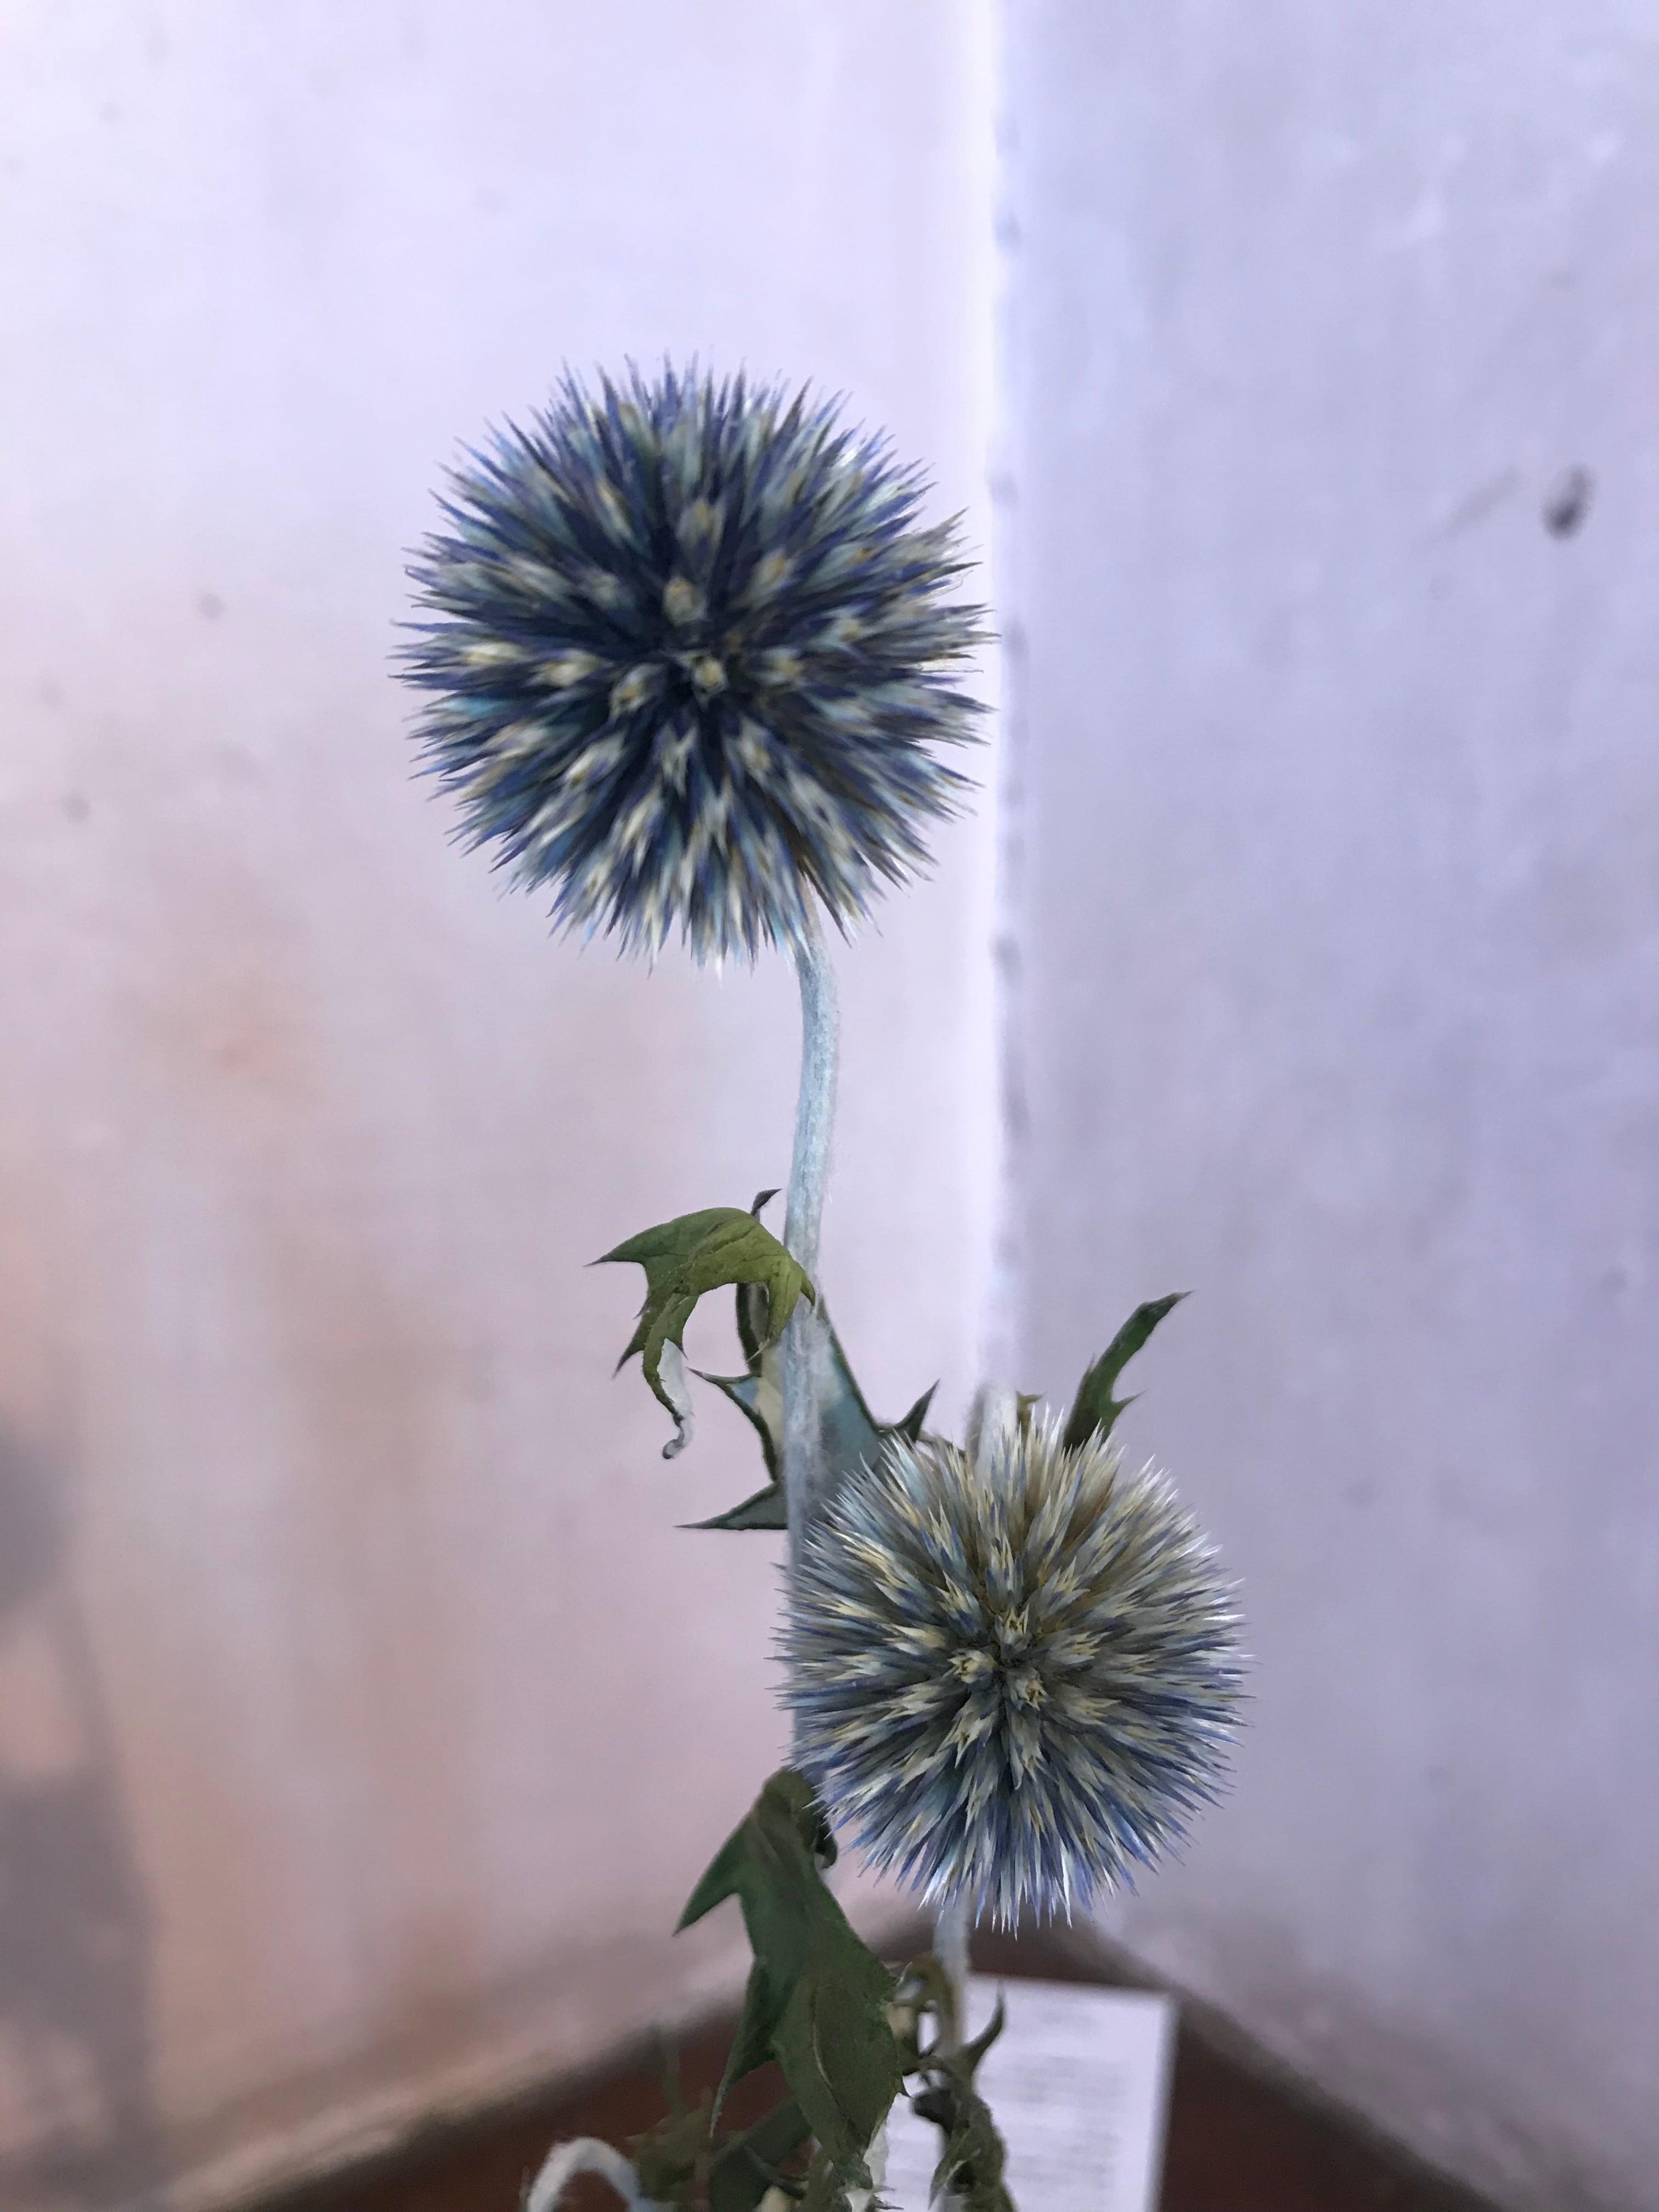 ルリタマアザミ